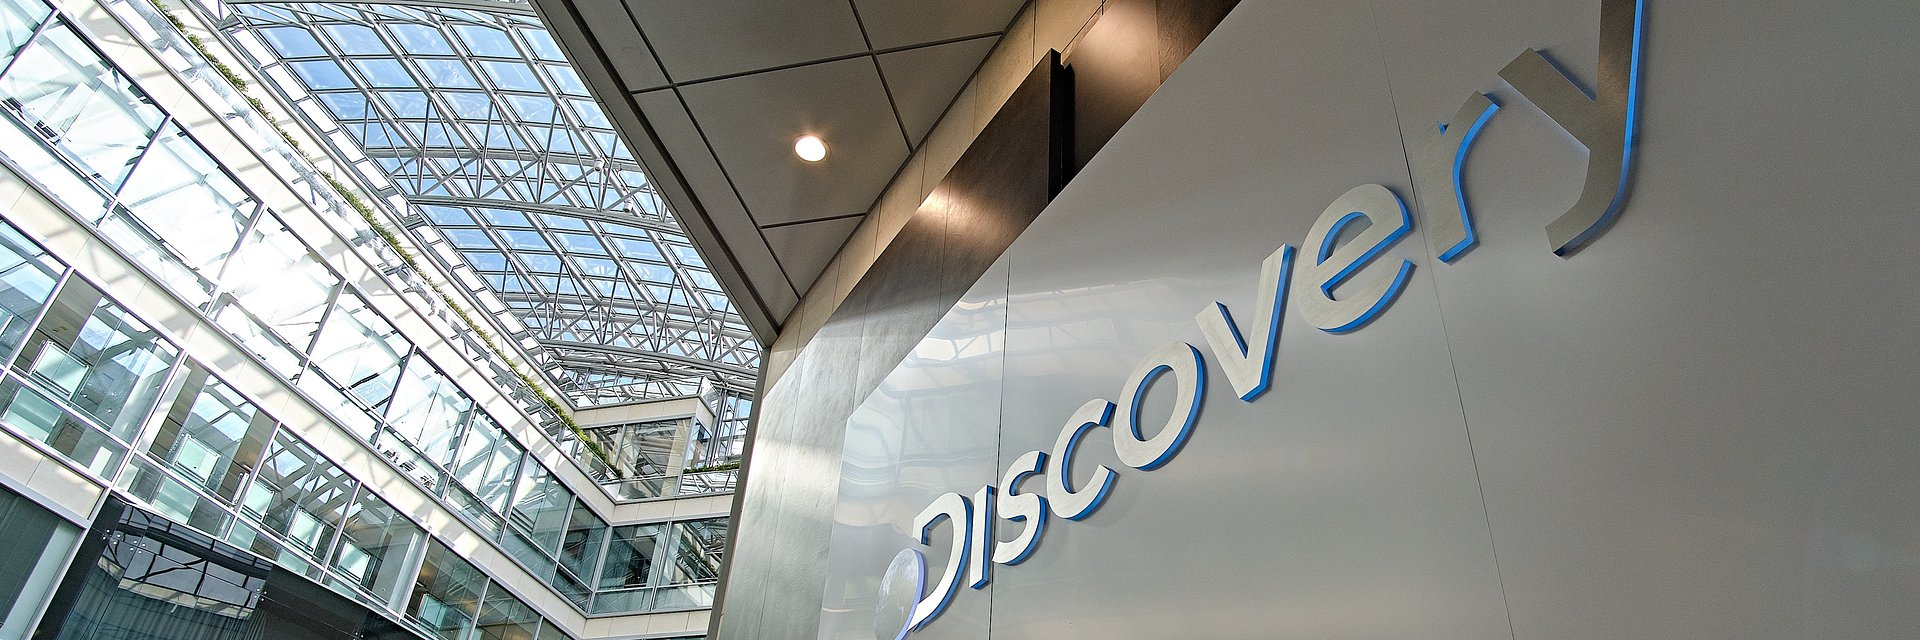 Witamy w biurze prasowym TVN Discovery Polska